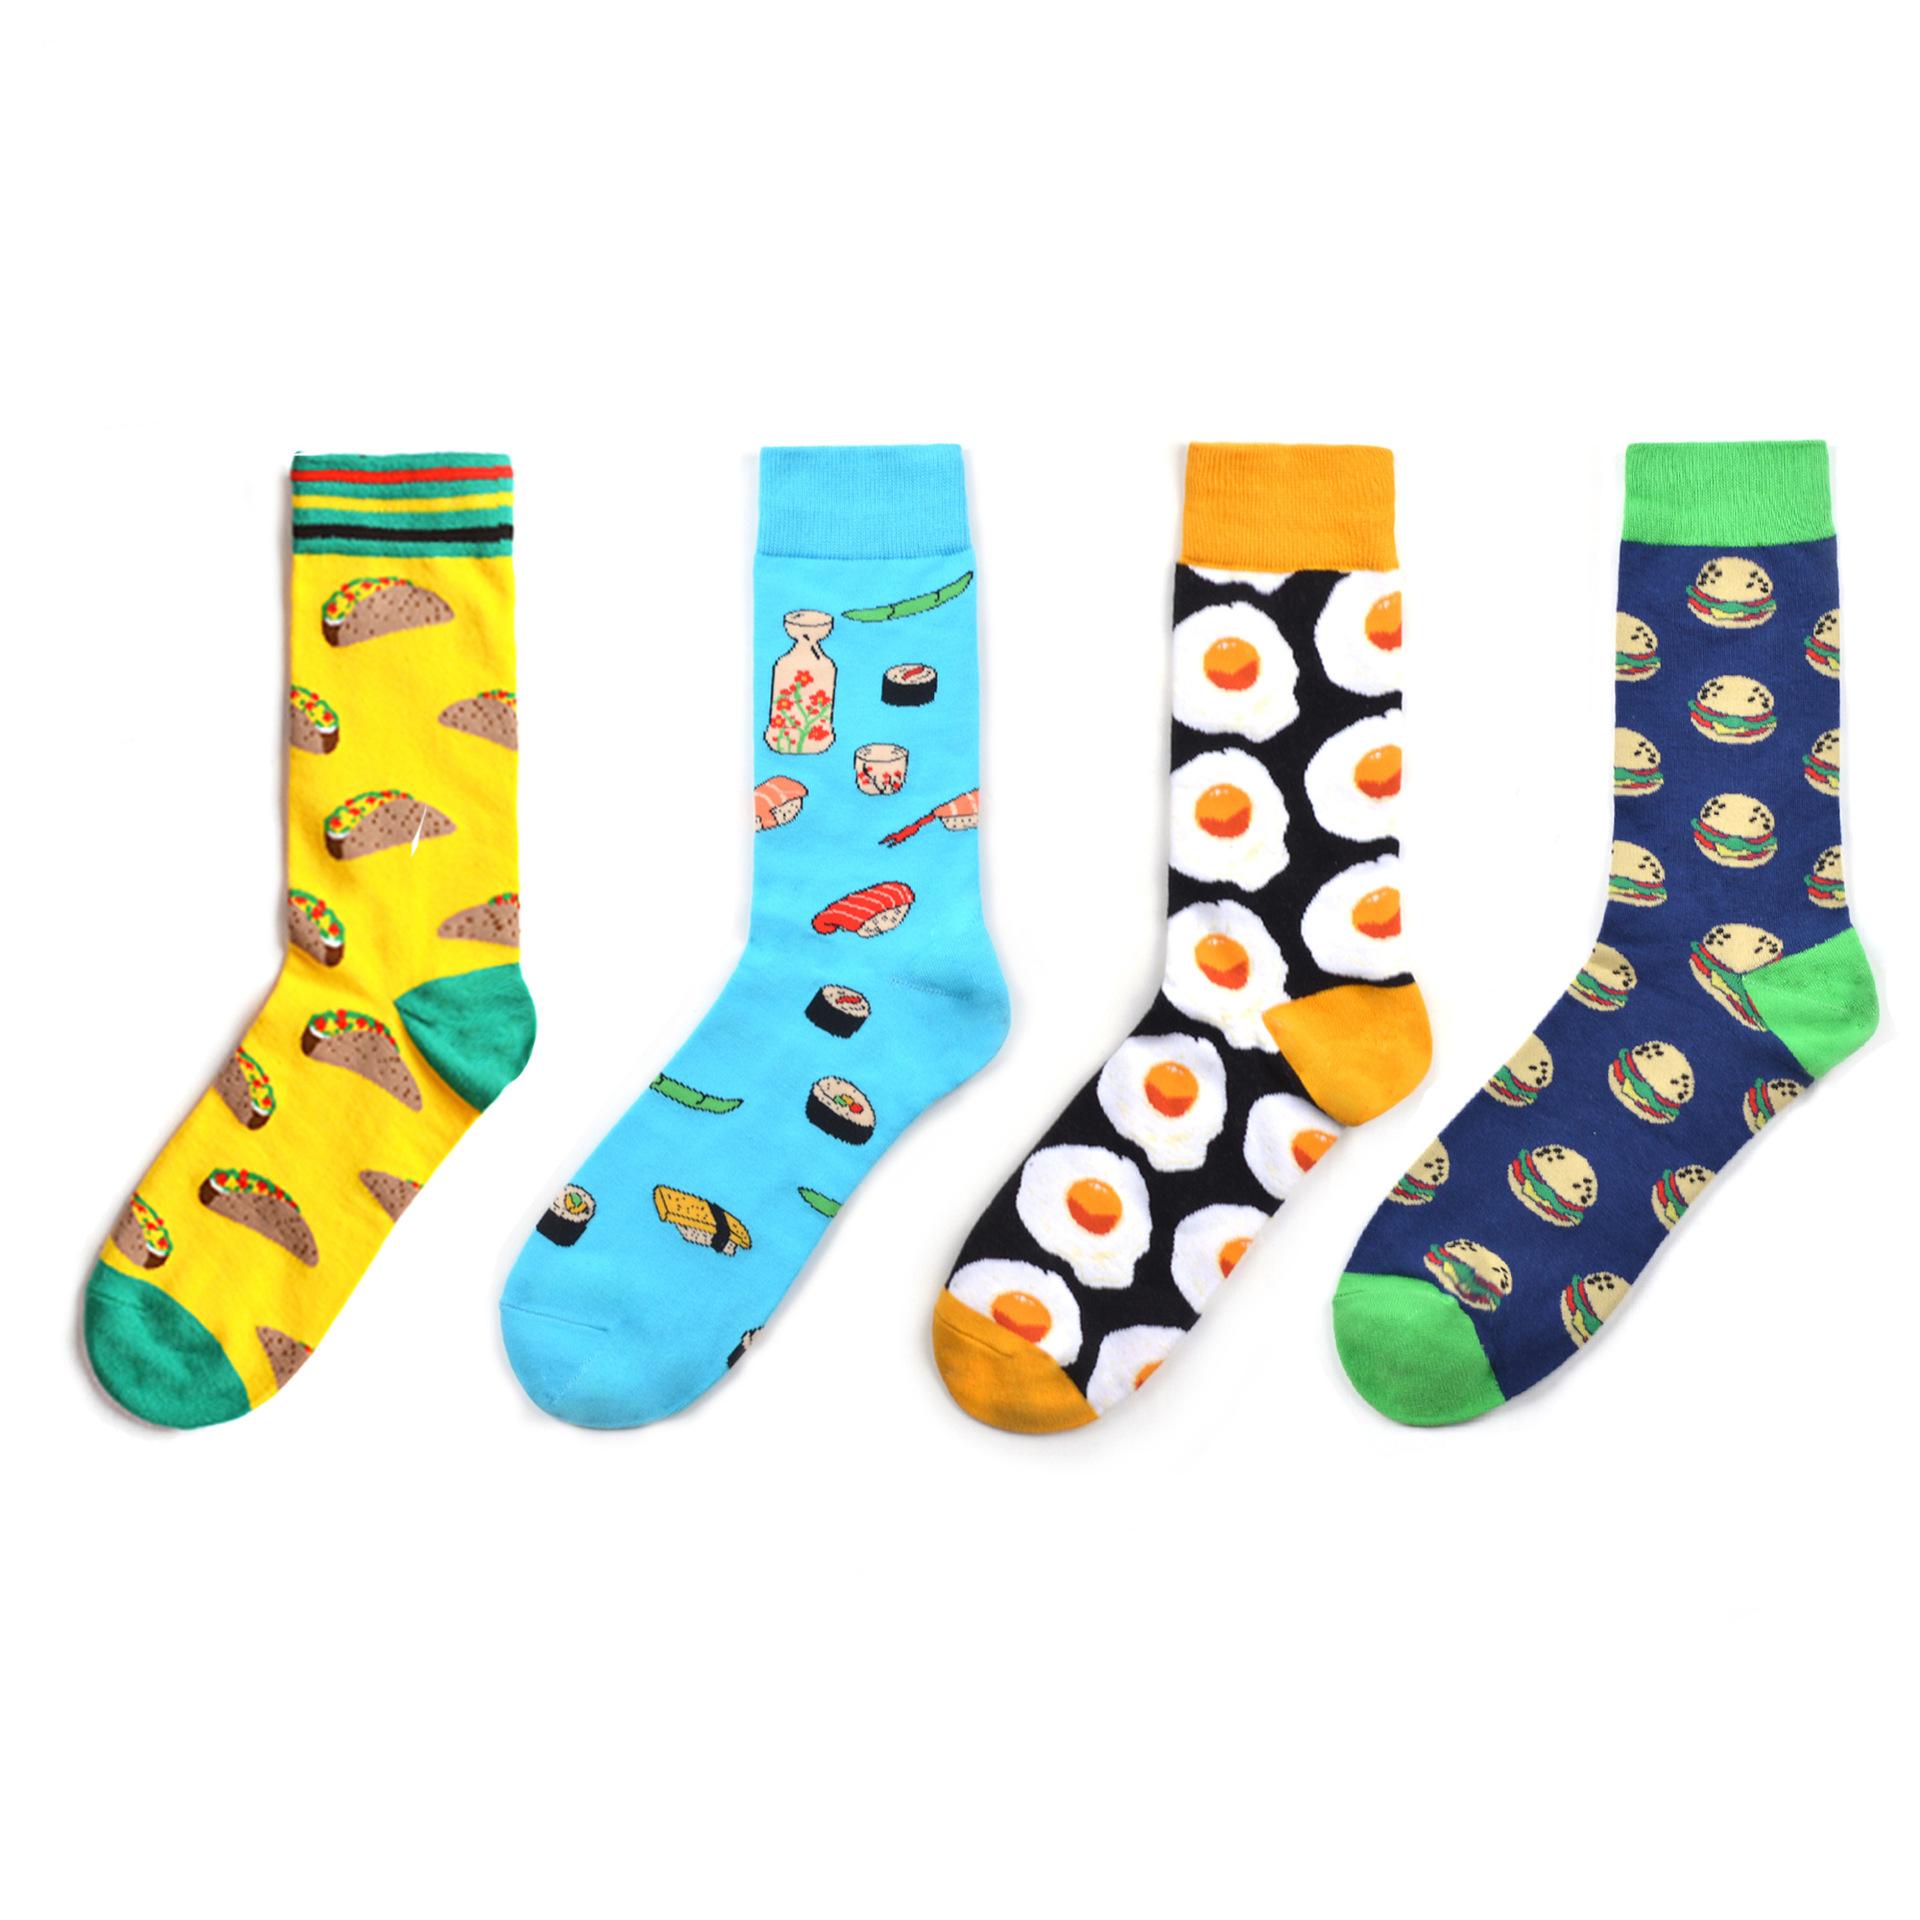 Latest various colorful designs unisex happy socks food socks wholesale фото